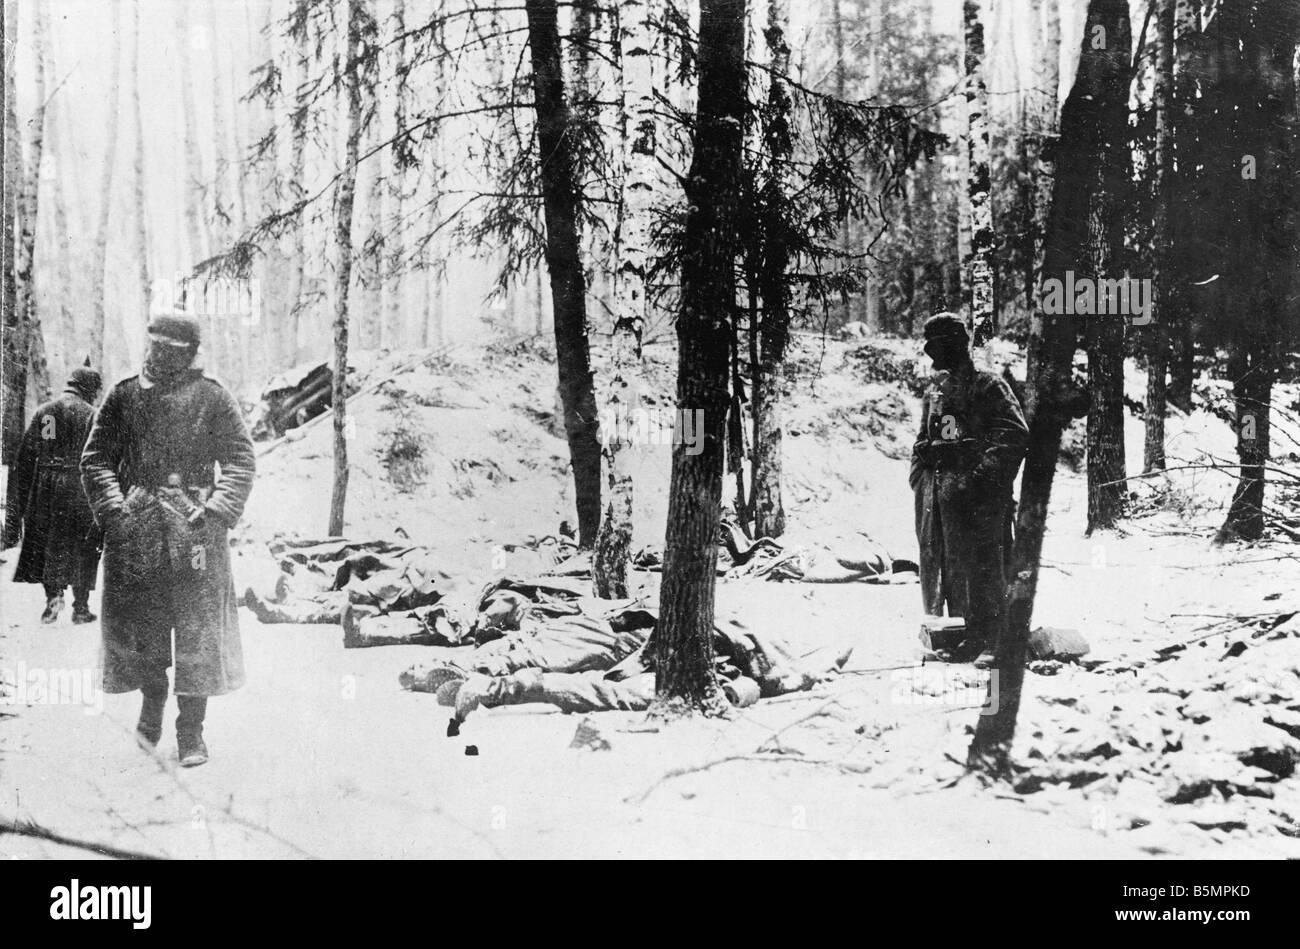 9 1916 3 18 Truppen nach einem Offen Sive o A1 15 E Schlacht von Postawy 1916 Ger Stellung des 1. Weltkrieges östlichen Stockbild